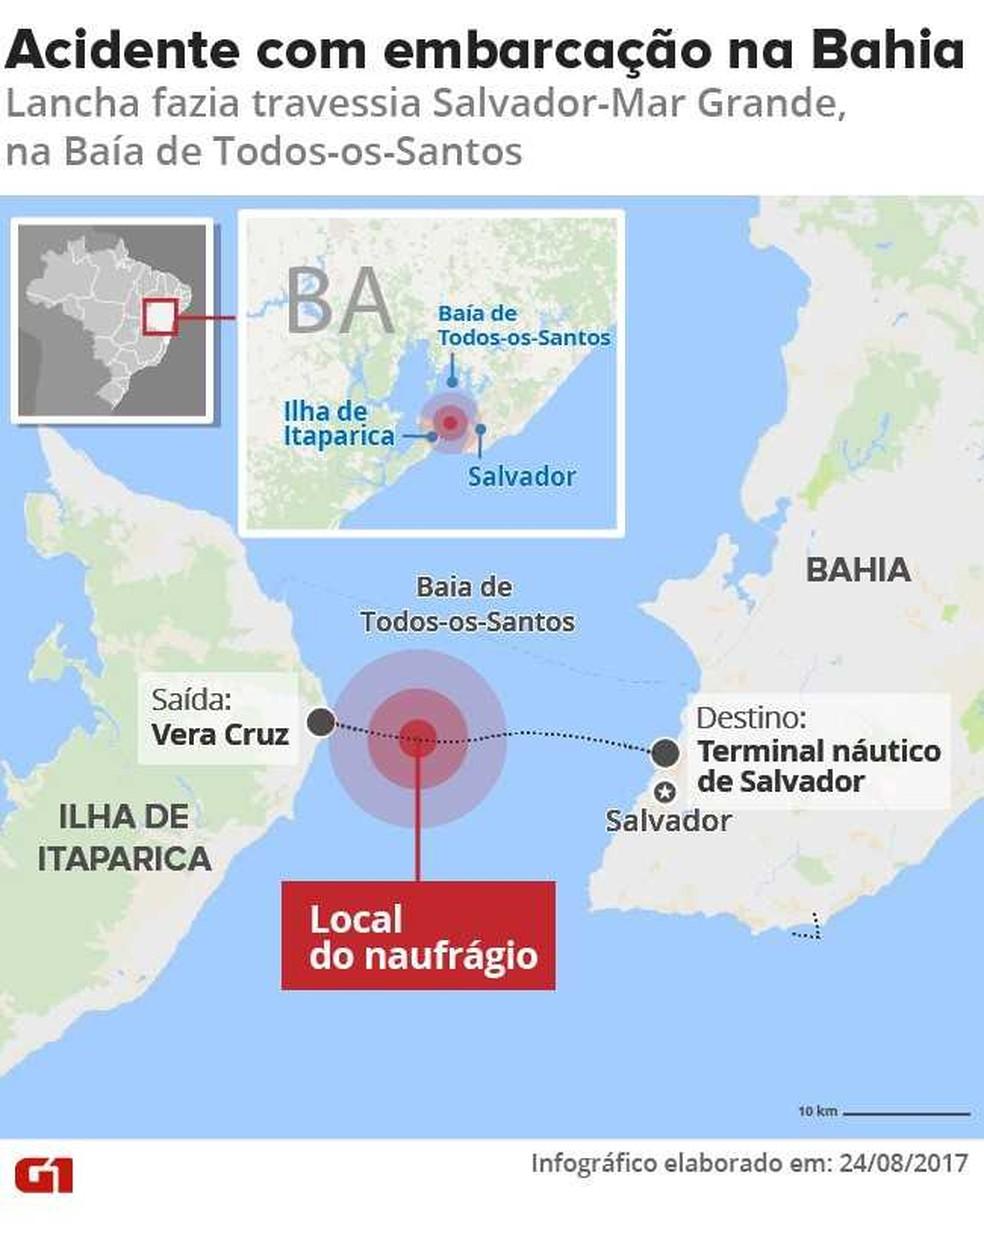 Acidente com embarcação na Bahia (Foto: Arte/G1)